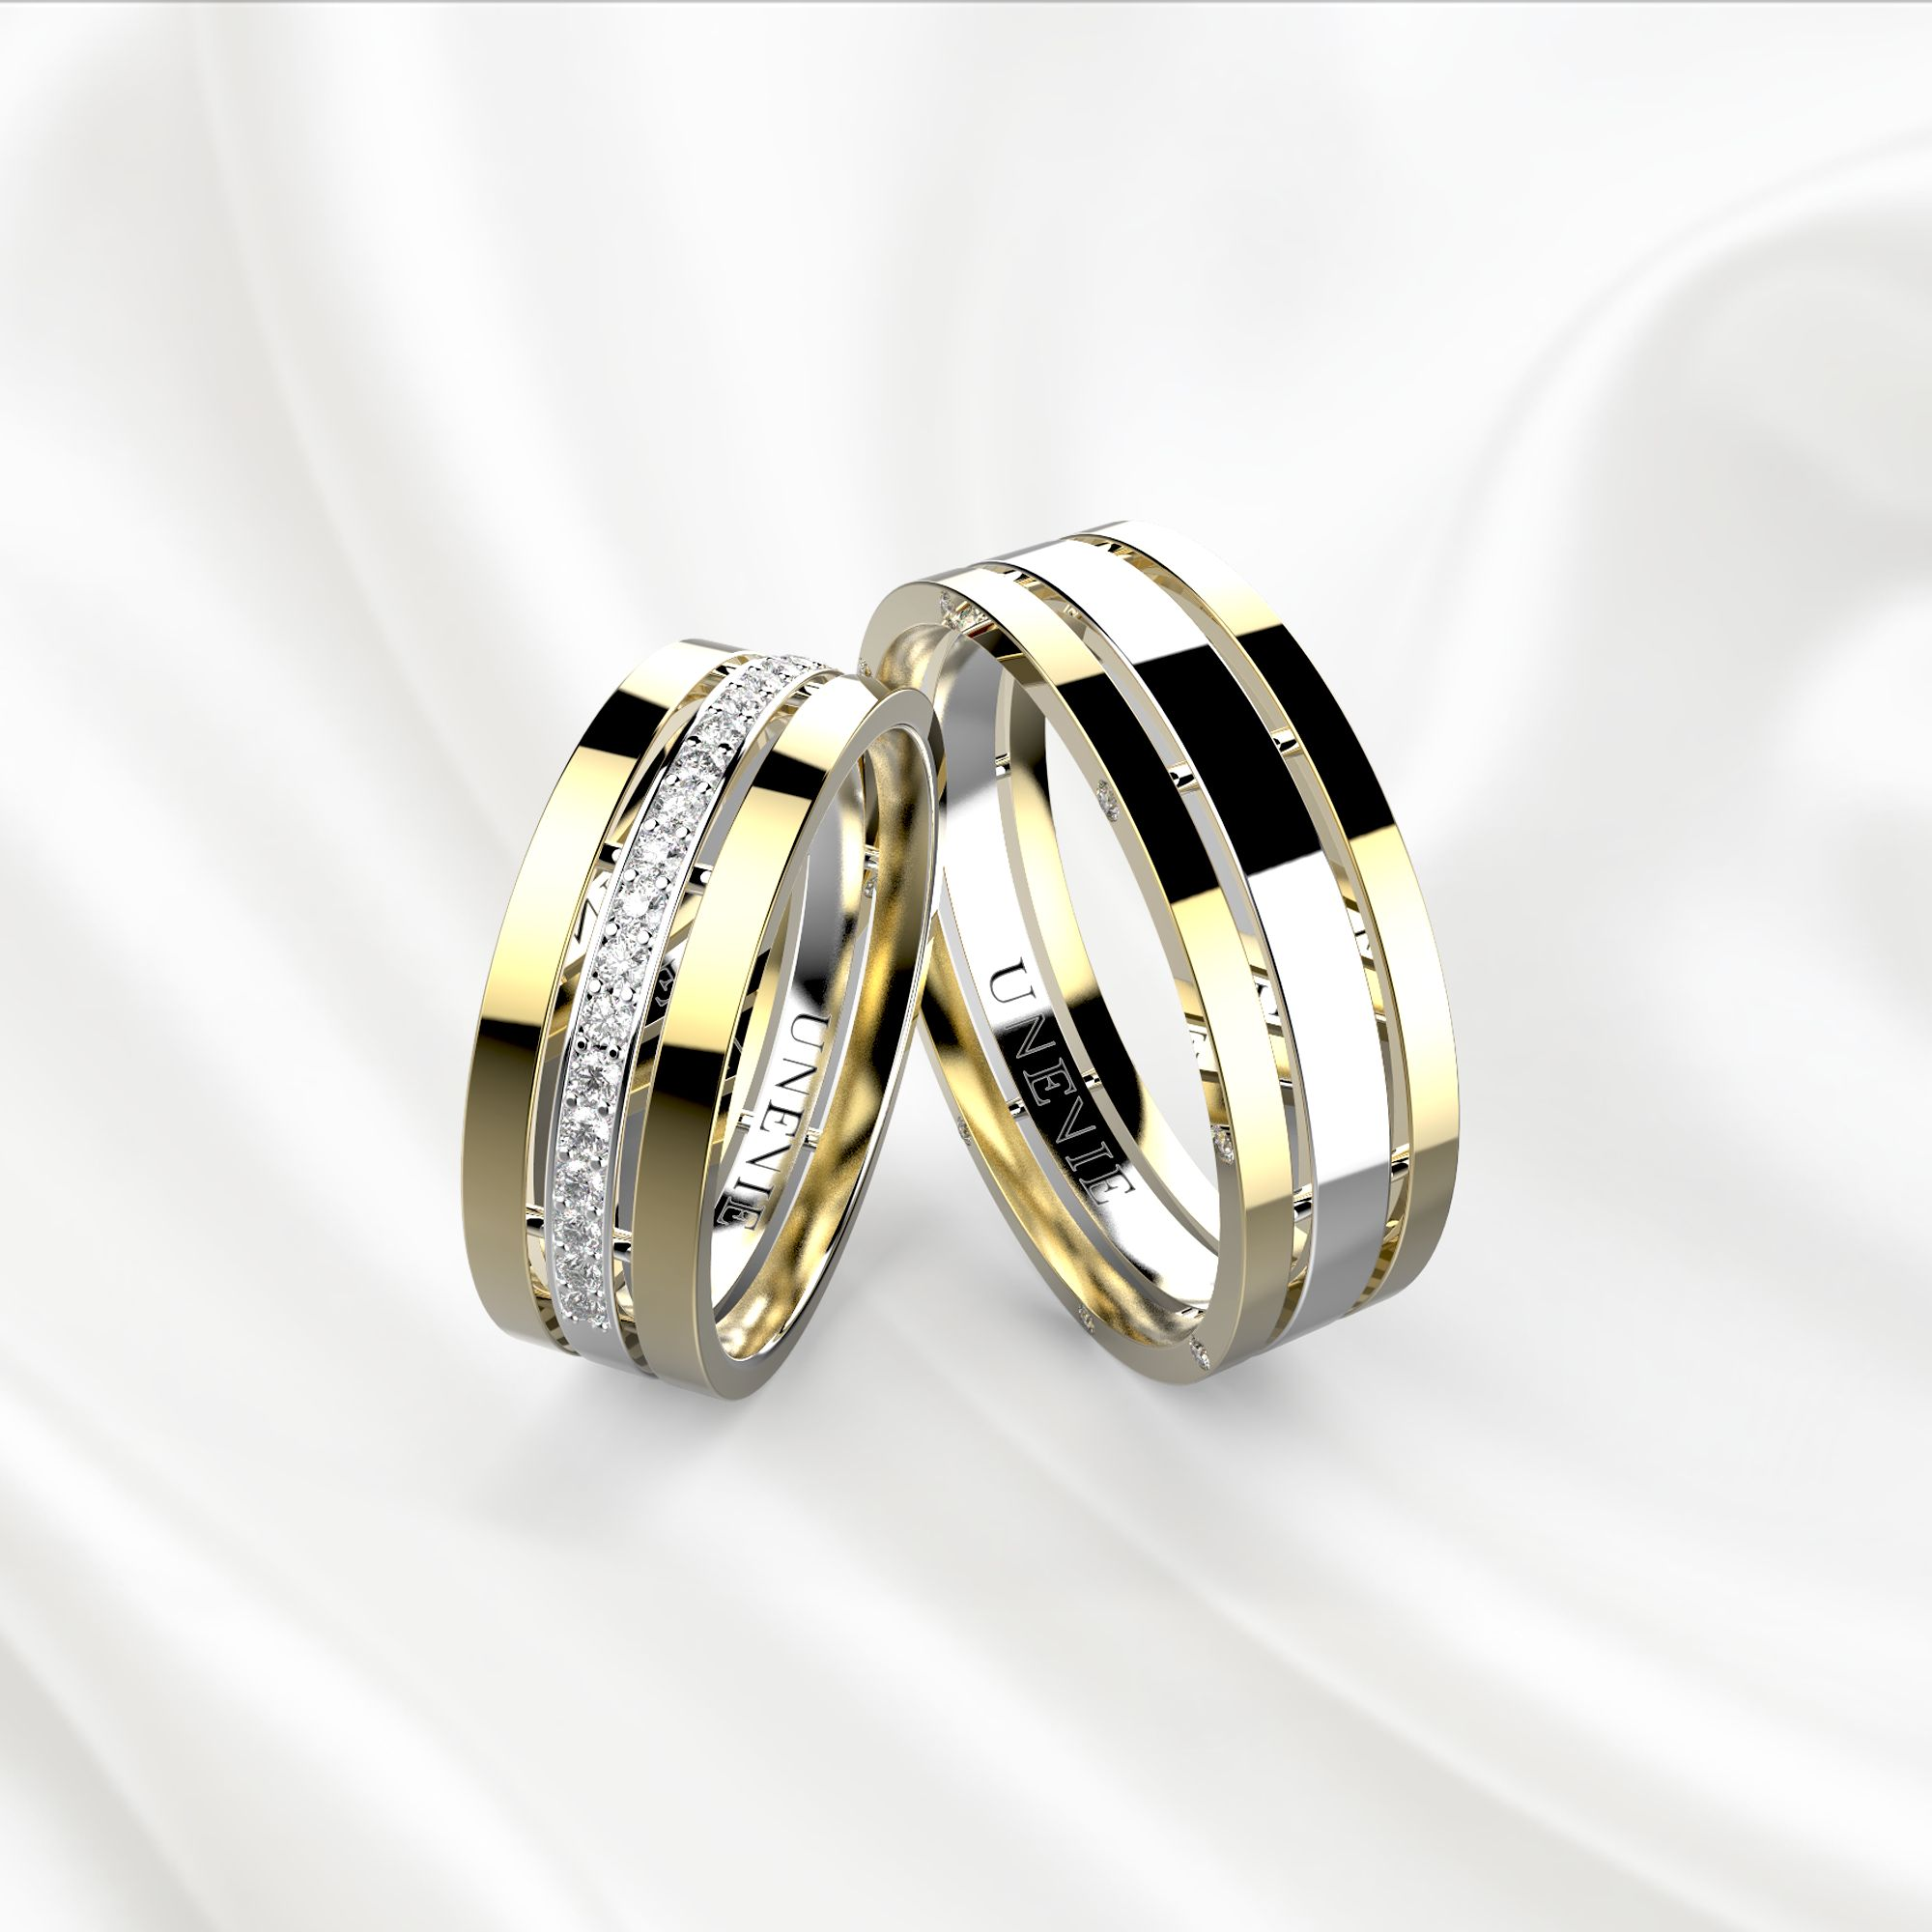 NV12 Обручальные кольца из желто-белого золота